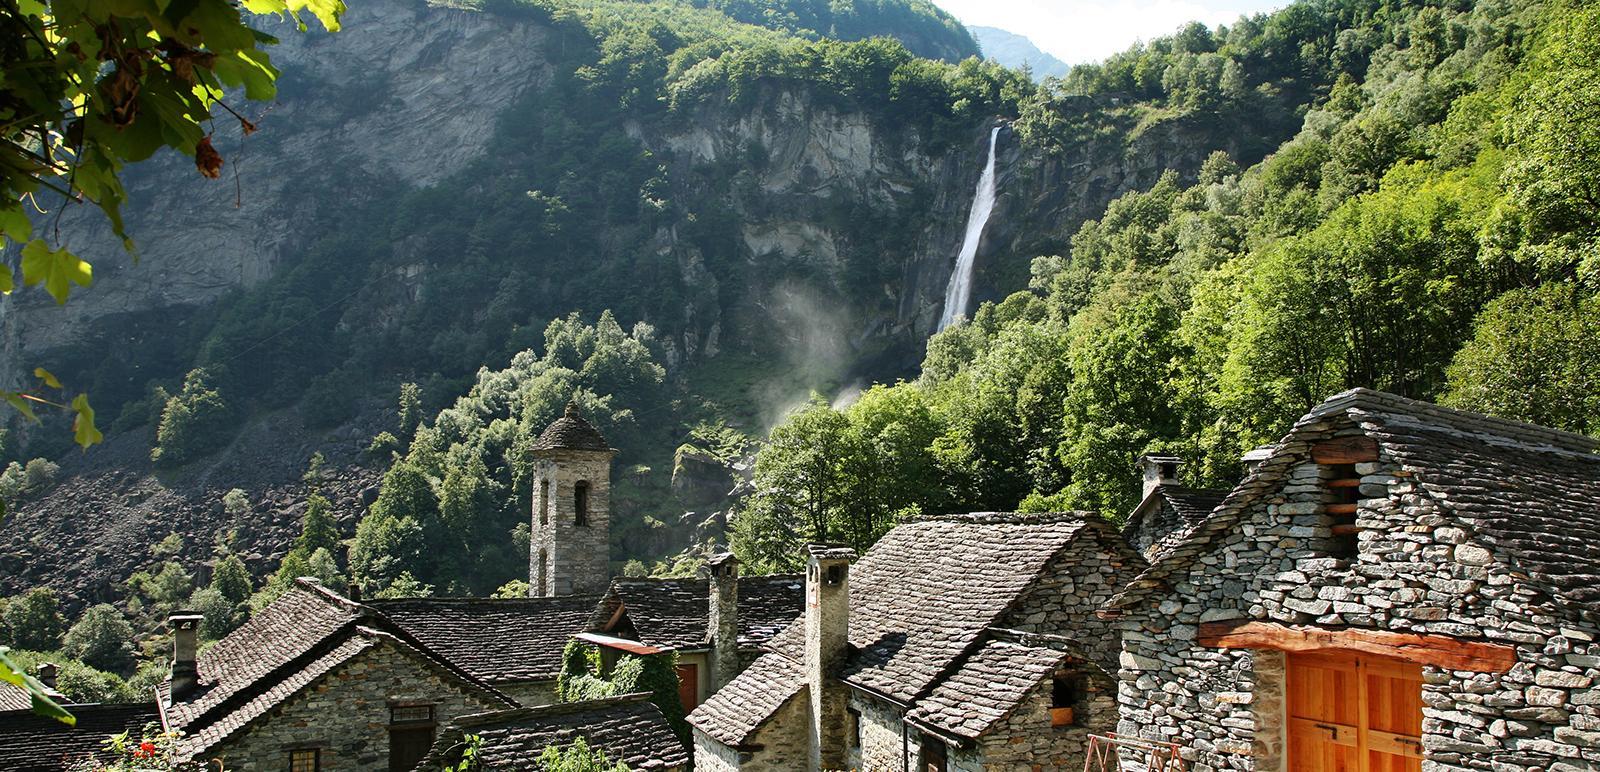 Der Wasserfall Foroglio im Val Bavona - Ticino